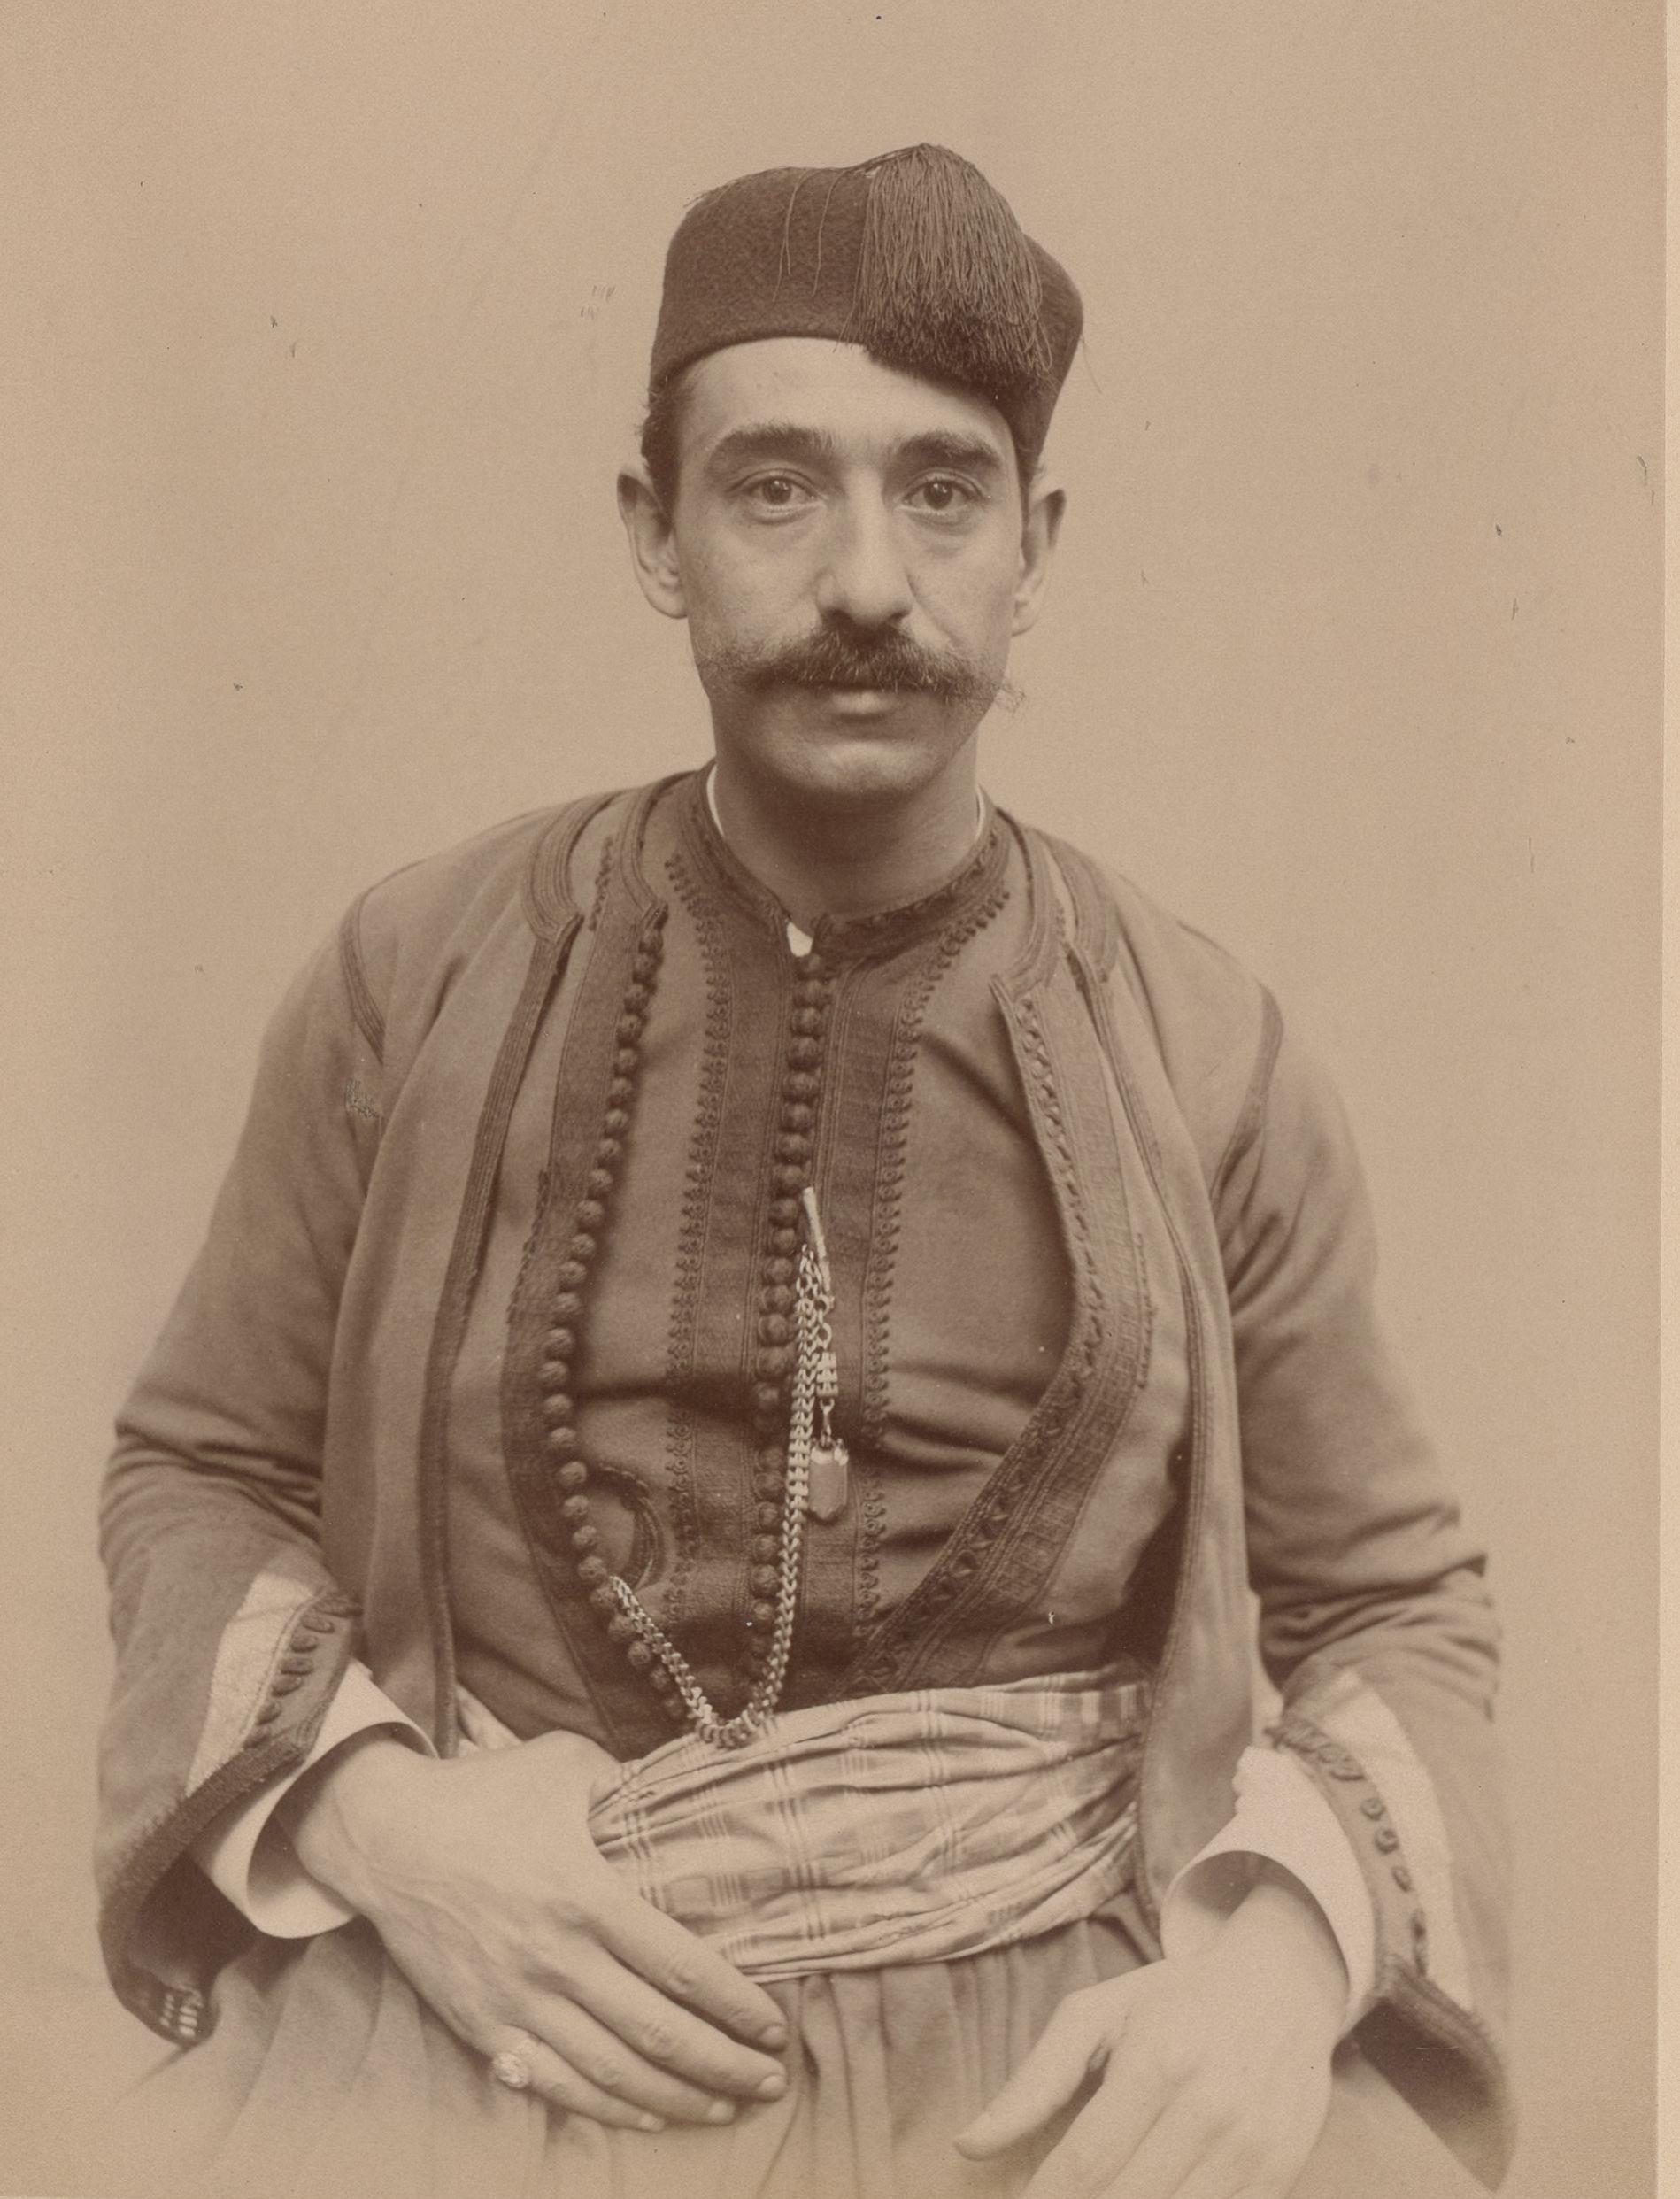 Лабан Серор (музыкант), родившийся в Алжире, 30 лет (вид спереди)